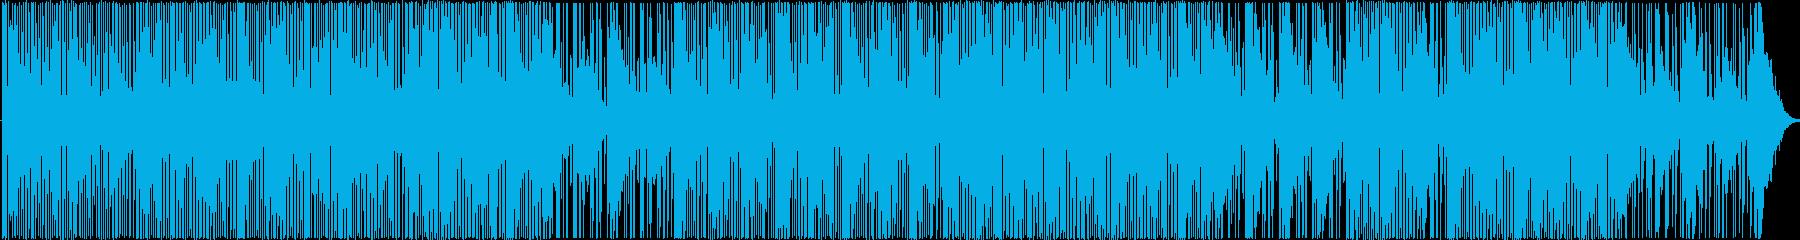 無機質な雰囲気を持つエレクトロニカBGMの再生済みの波形